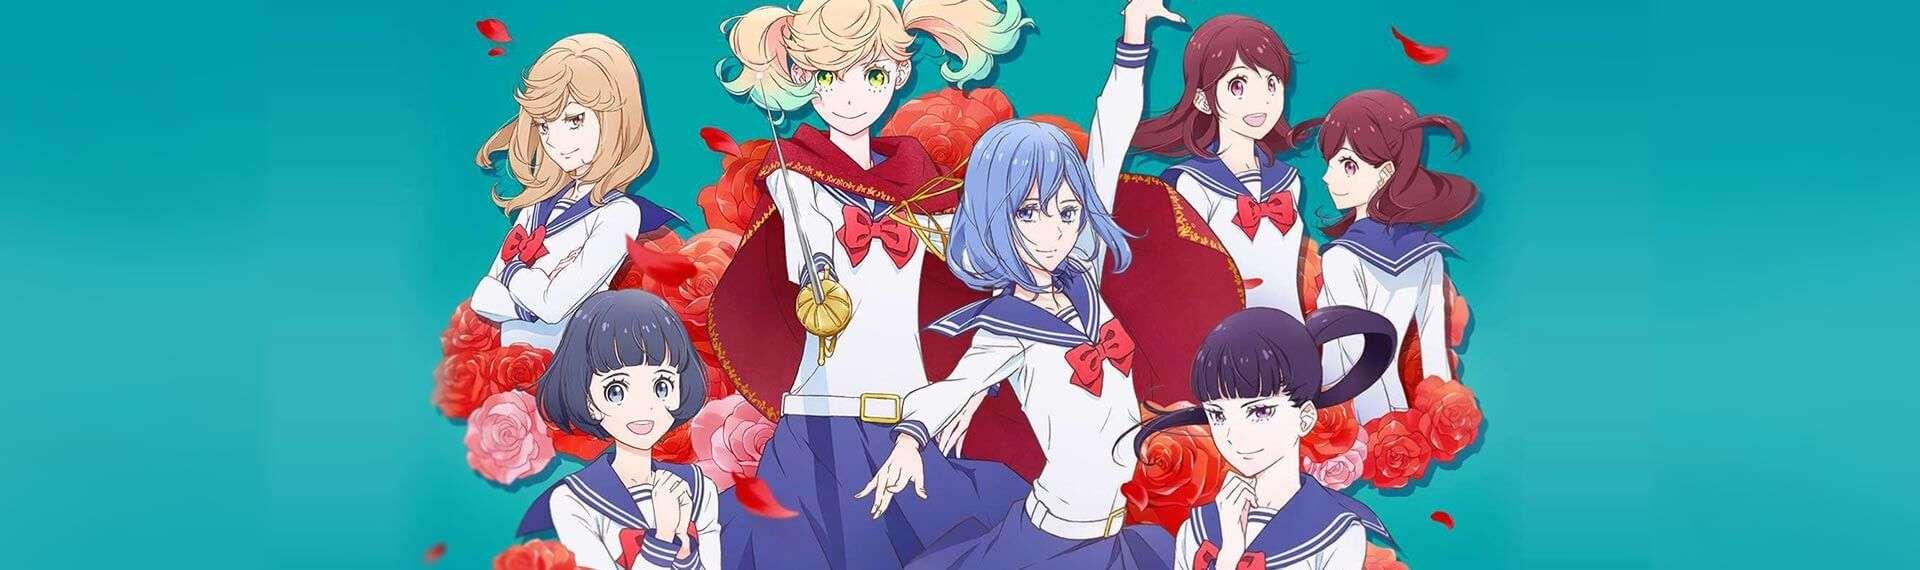 Todas personagens de Kageki Shoujo em grupo, vestidas com roupa de colégio e com algumas rodas ao redor.